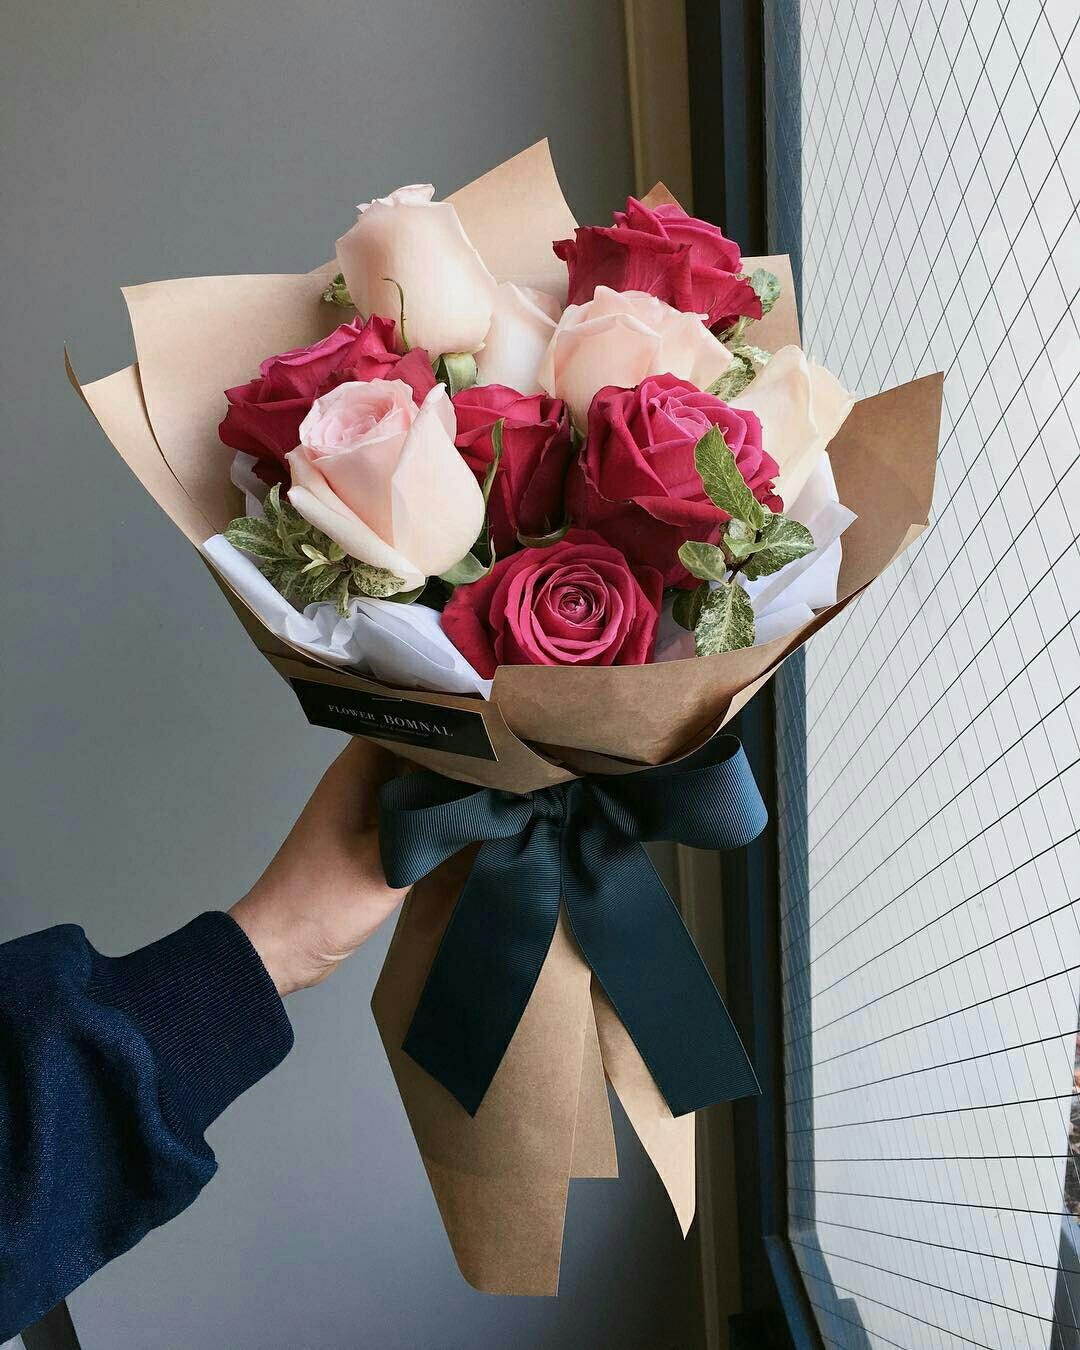 صورة باقات زهور , اجمل الورود تهادي بيها حبابيك 6309